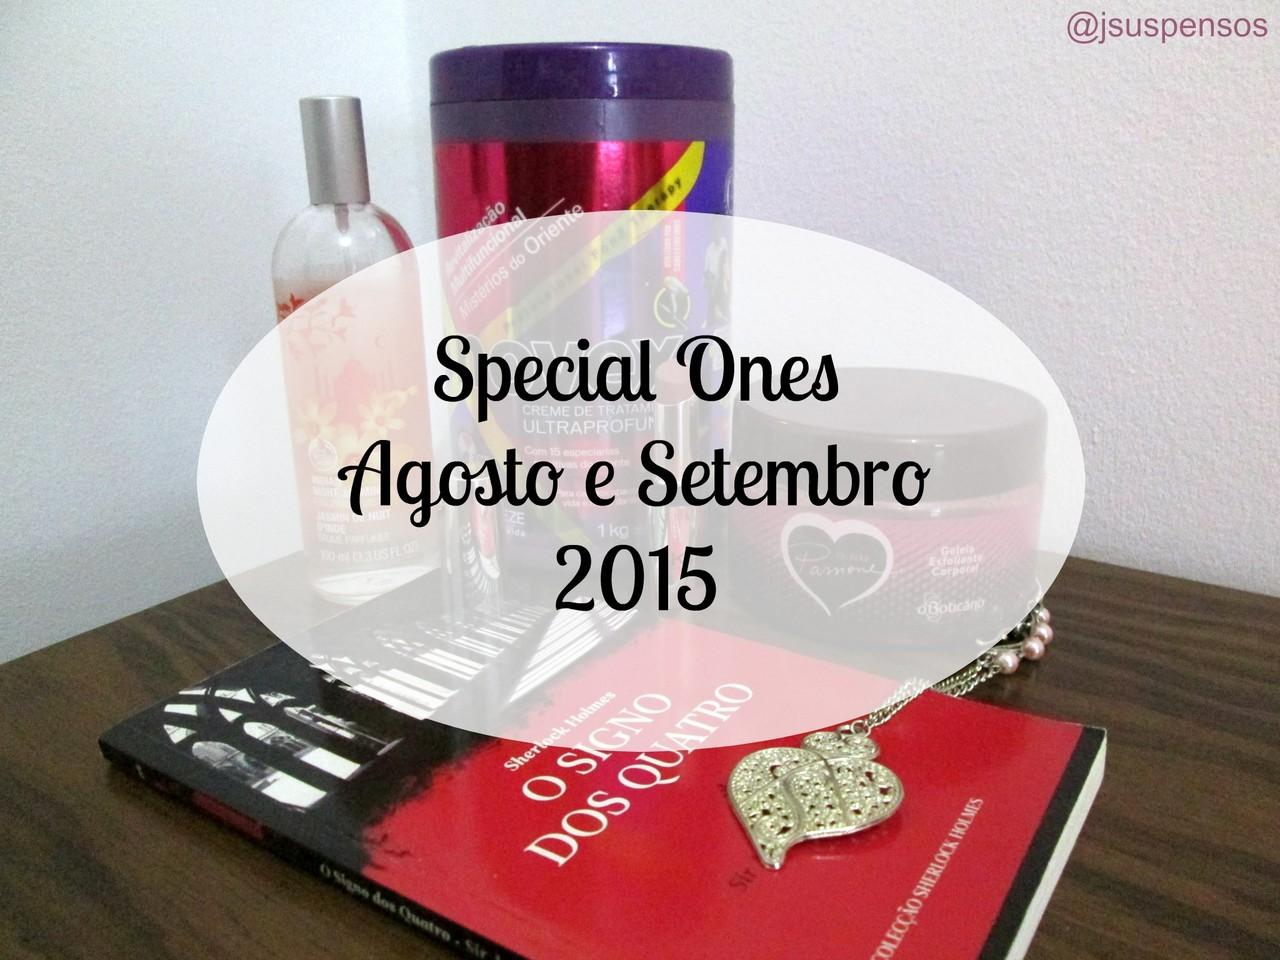 special-ones-agosto-setembro-jardins-suspensos1.jp